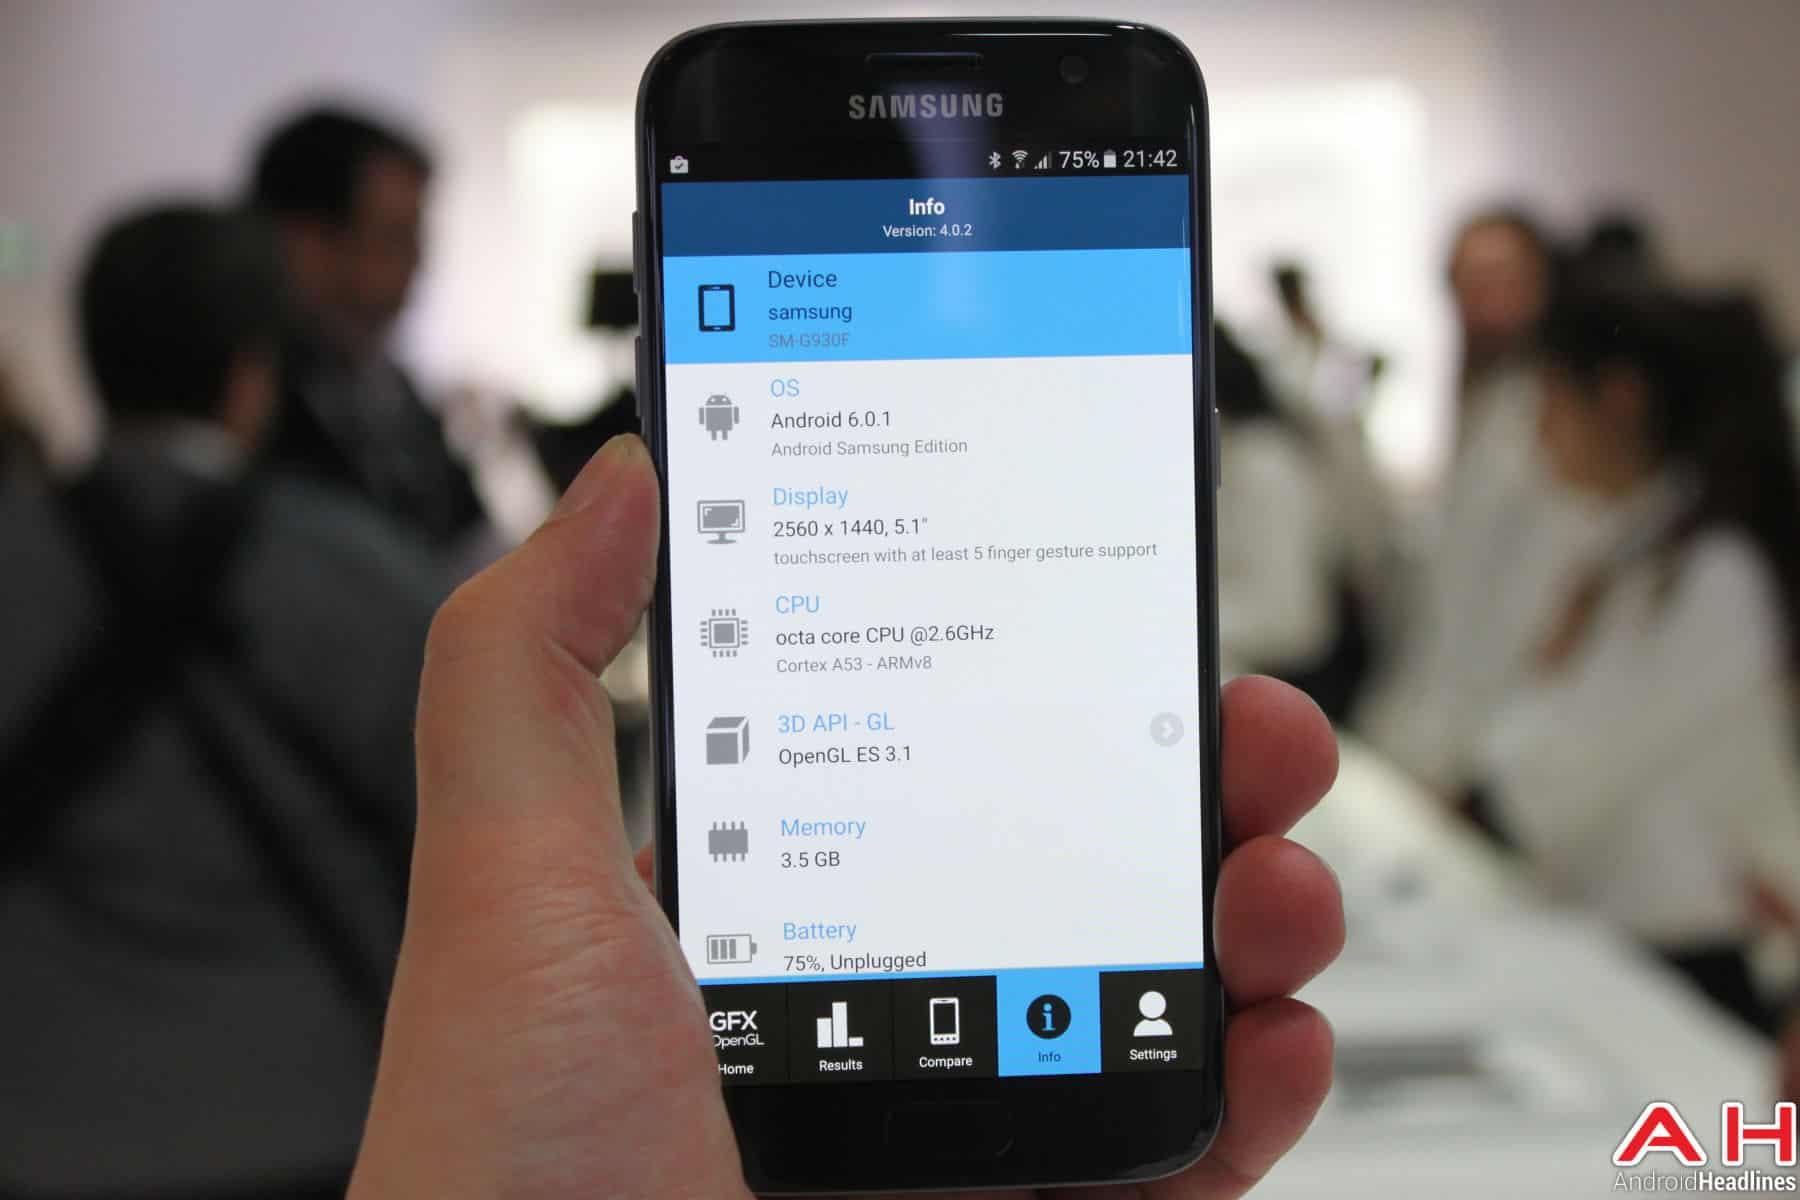 Samsung Galaxy S7 Benchmark GFX 5